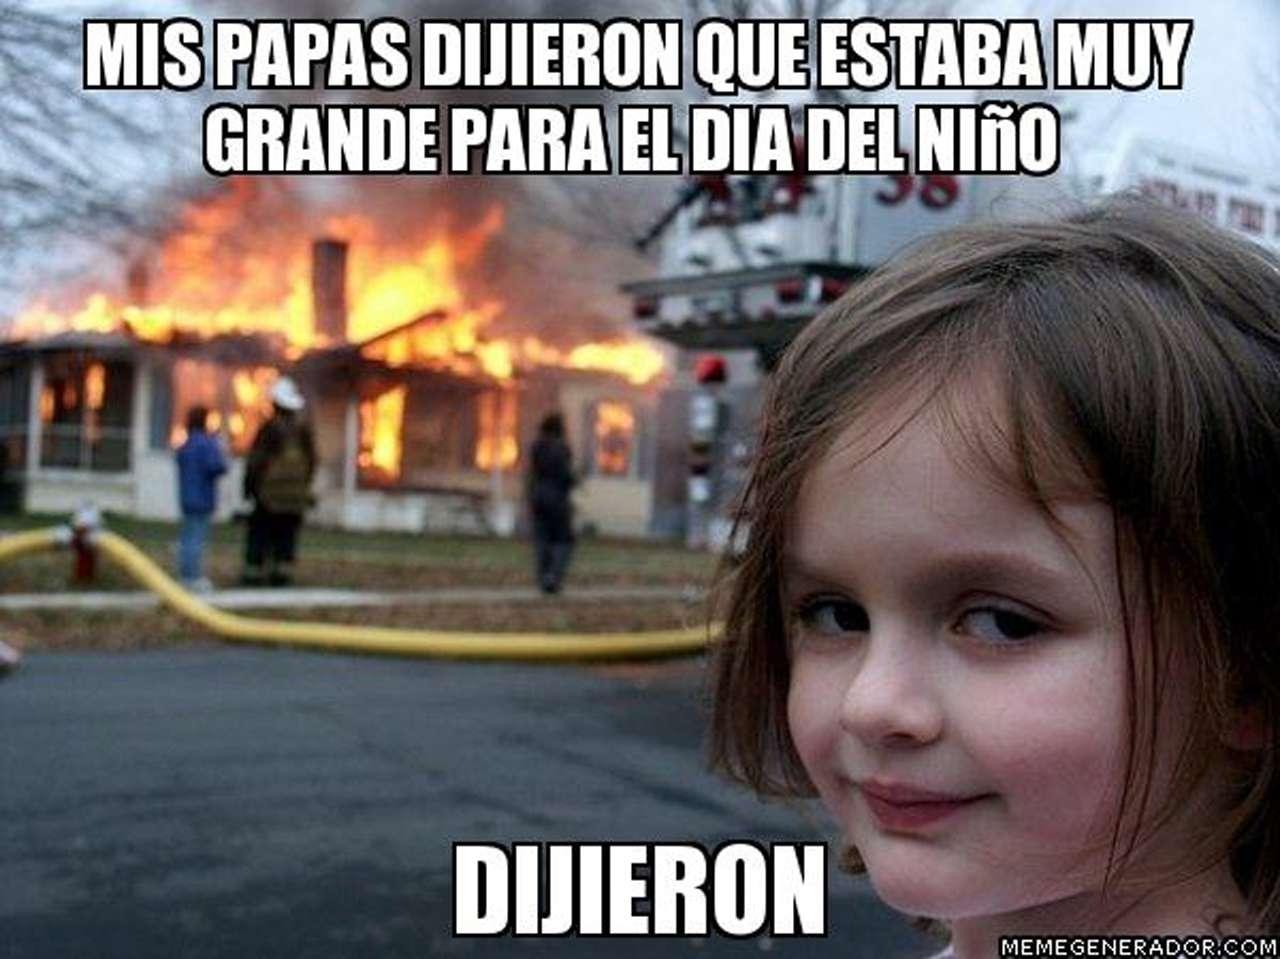 Memes de niños malvados Foto: memeGenerador.es